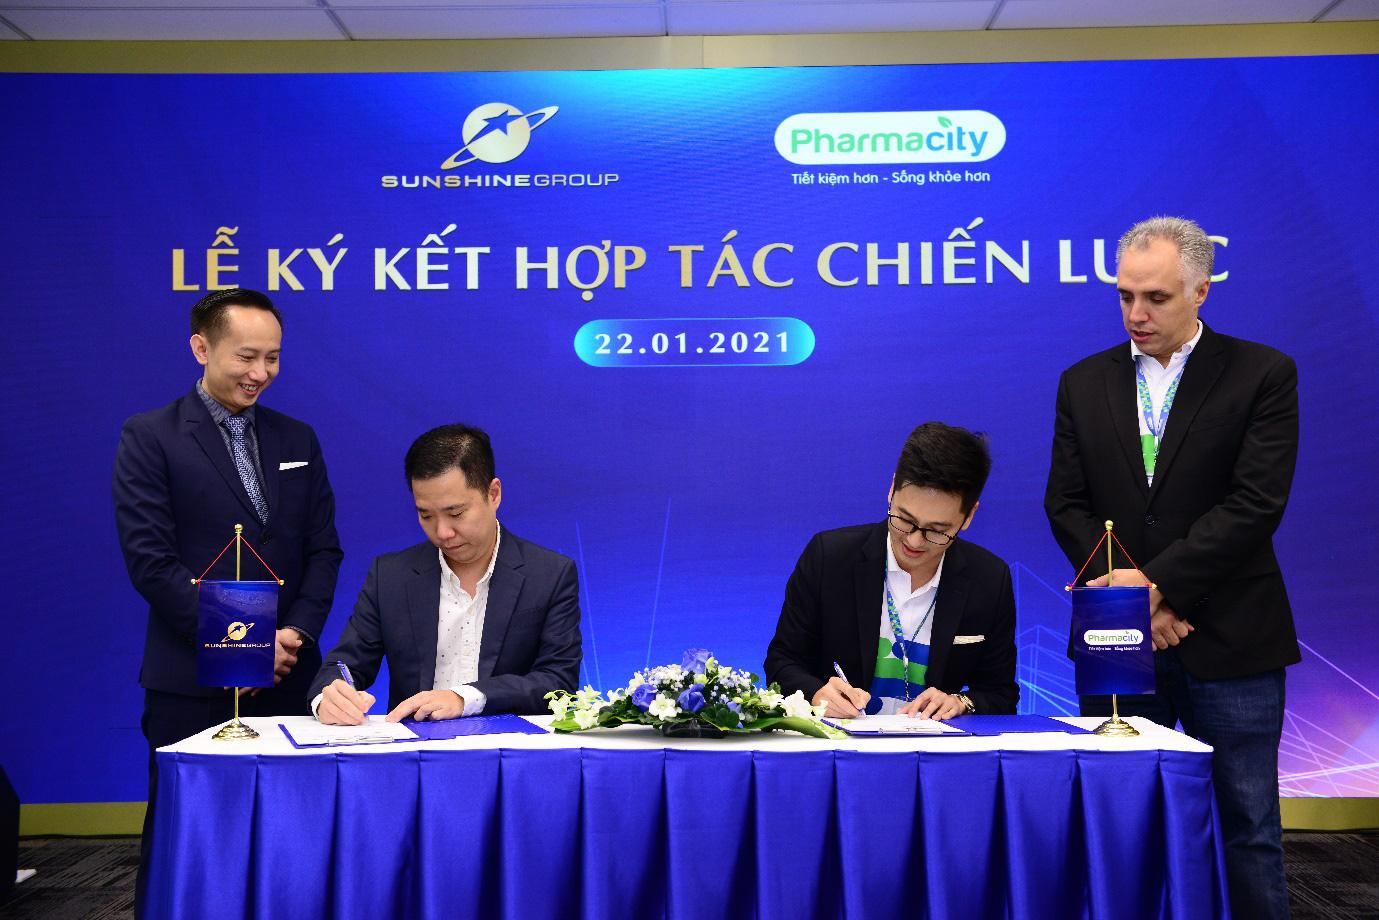 Sunshine Group hợp tác chiến lược với Pharmacity - Ảnh 2.